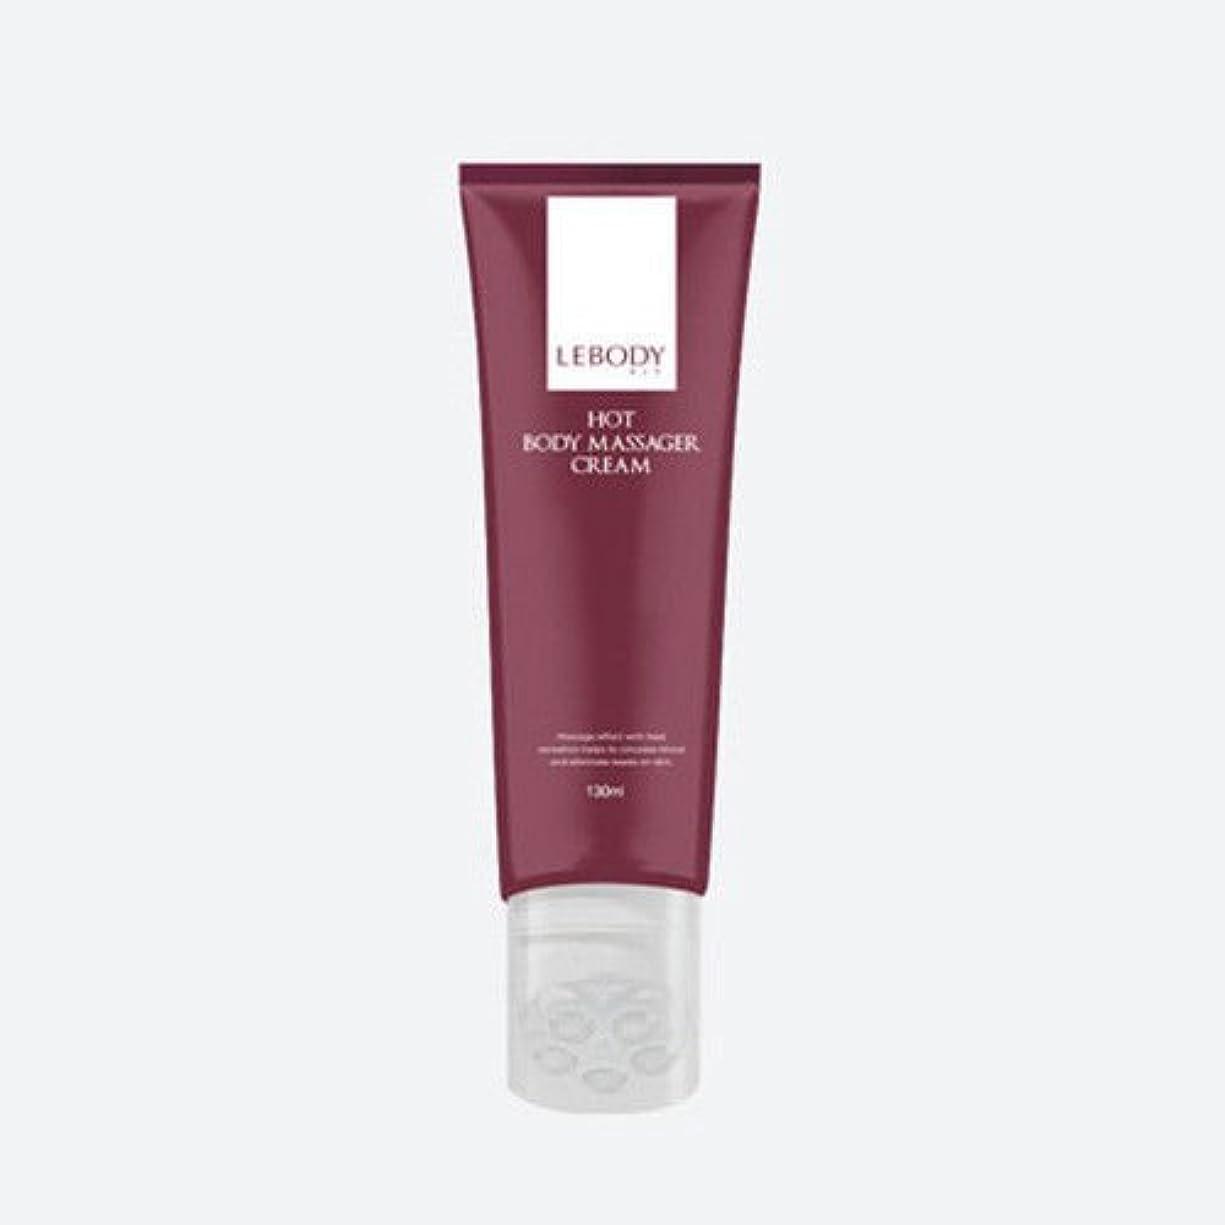 ハードリング任命あごひげ[並行輸入品] LEBODYレボディフィットホットボディマッサージクリーム130ml / LEBODY Fit Hot Body Massager Cream 130ml